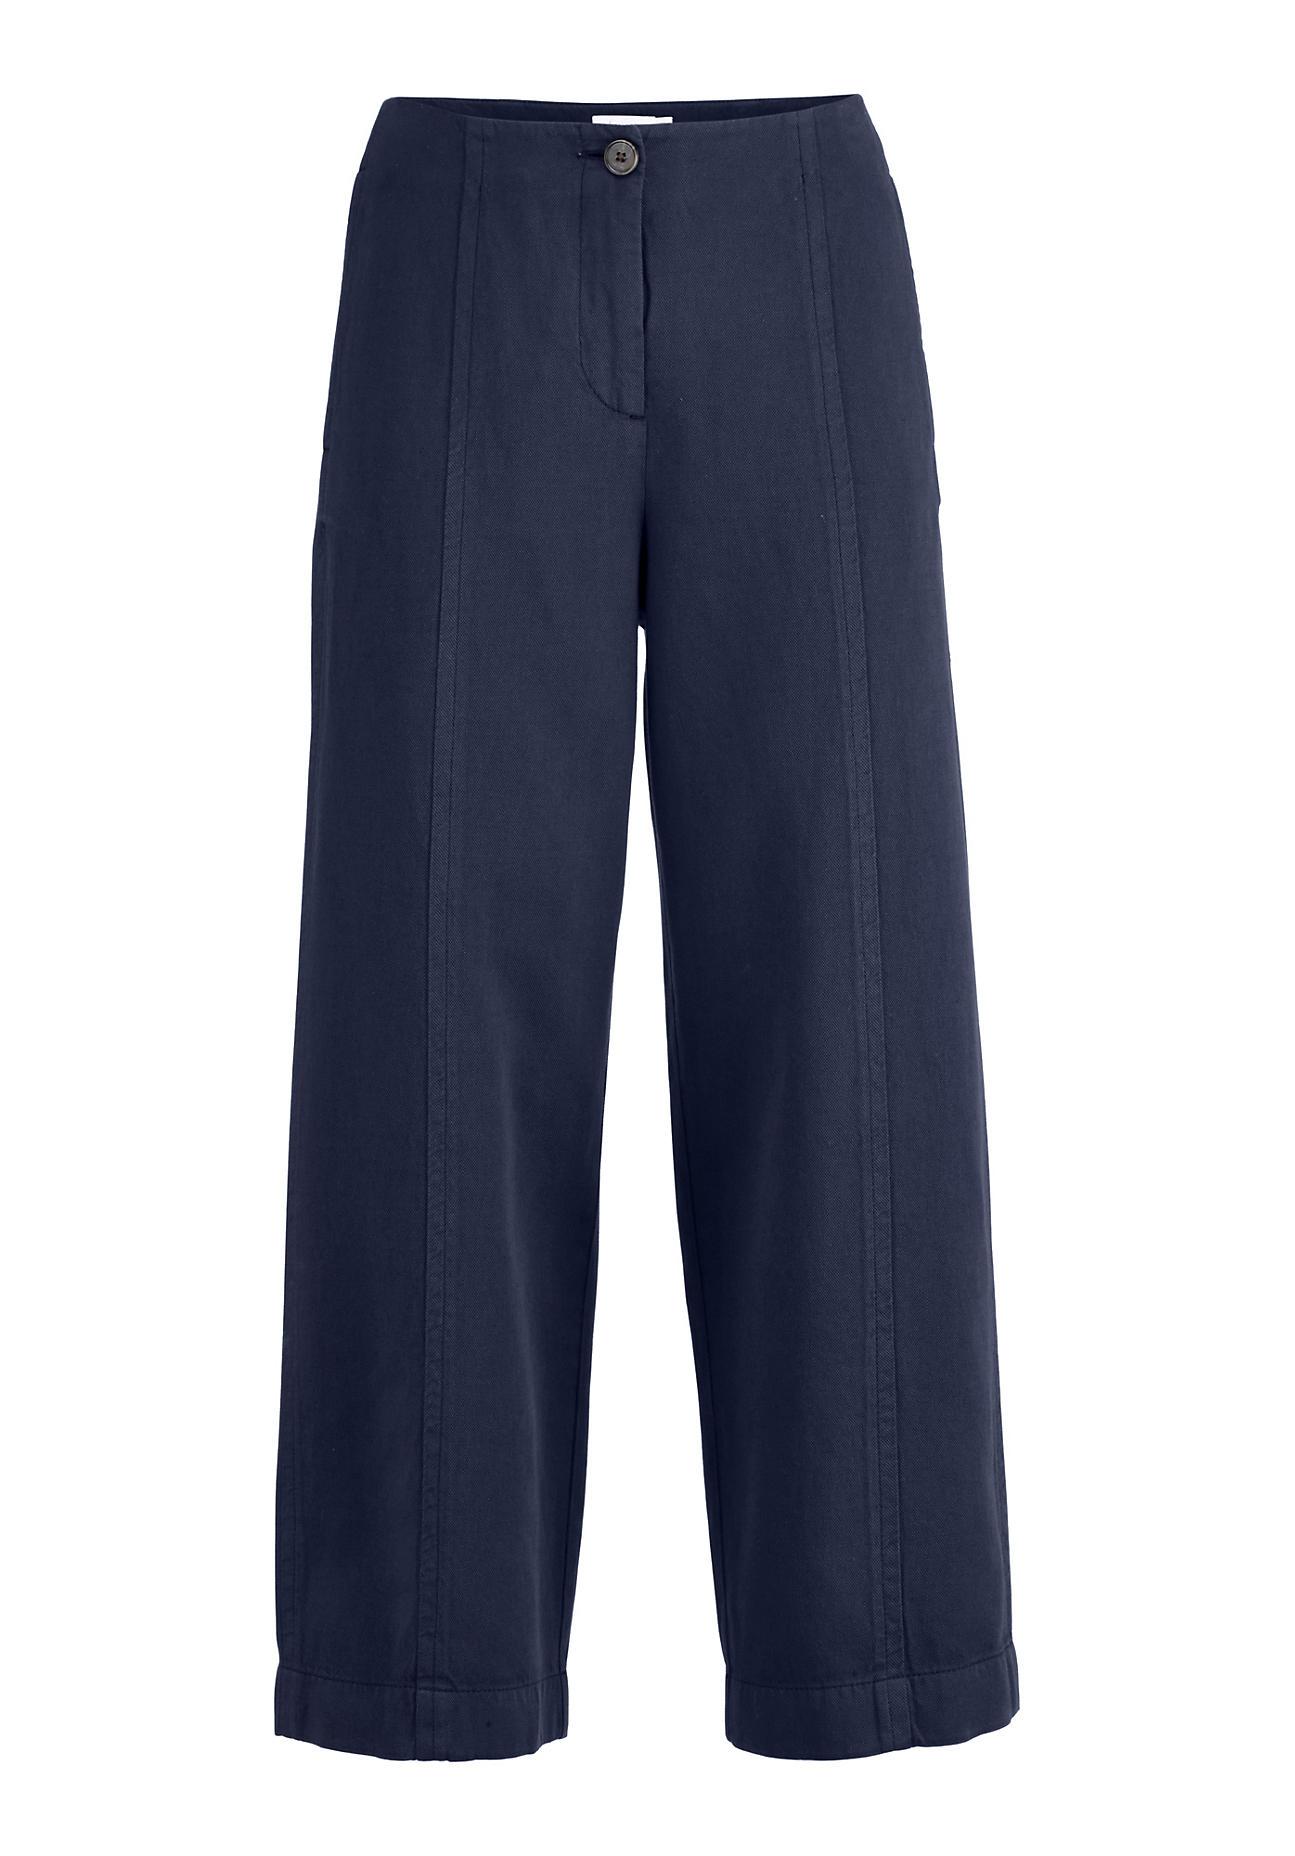 Hosen - hessnatur Damen 7 8 Hose aus Bio Baumwolle mit Leinen – blau –  - Onlineshop Hessnatur